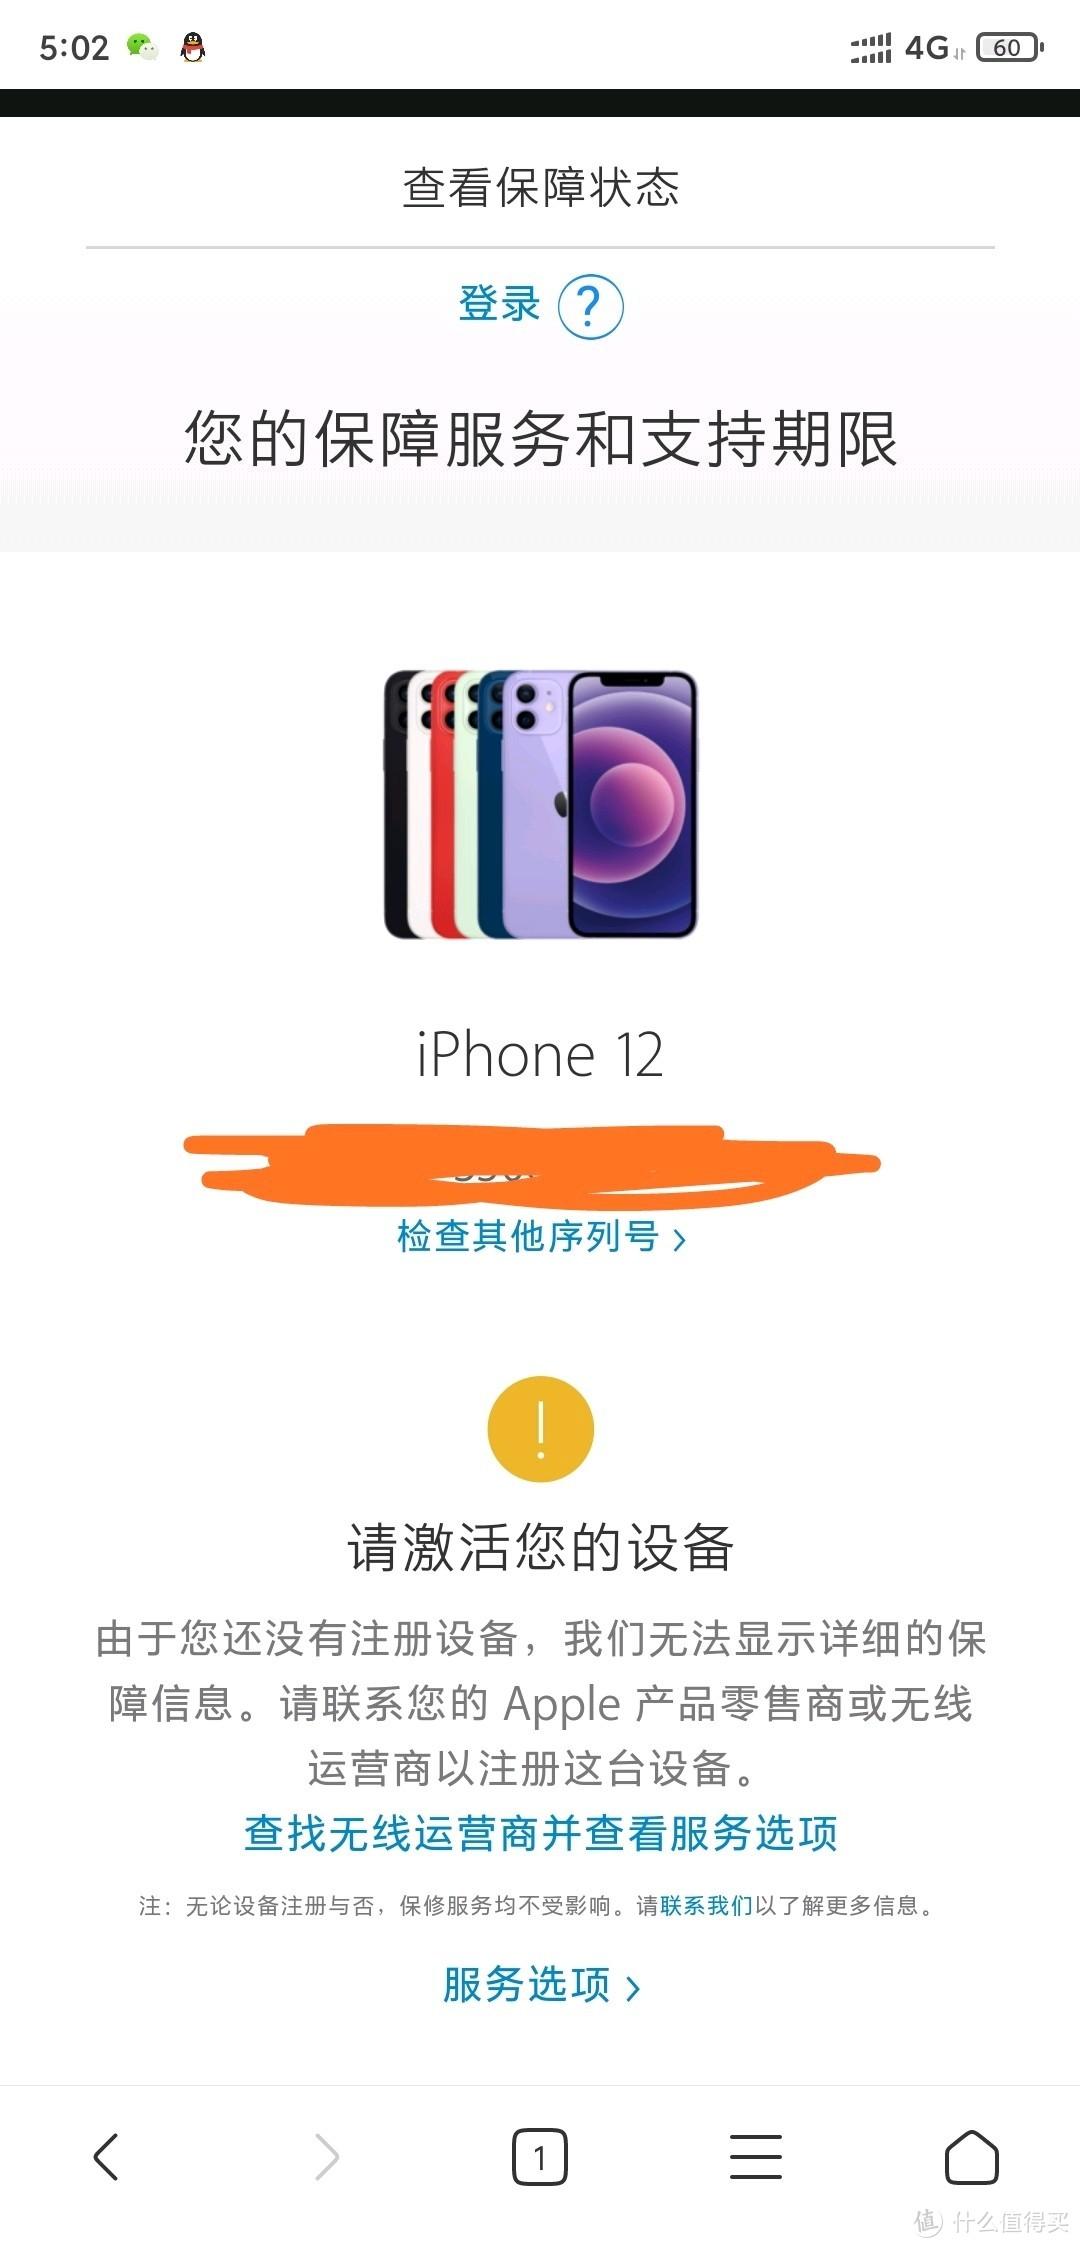 爽文来了!拼多多 iPhone 12 超!安全下车